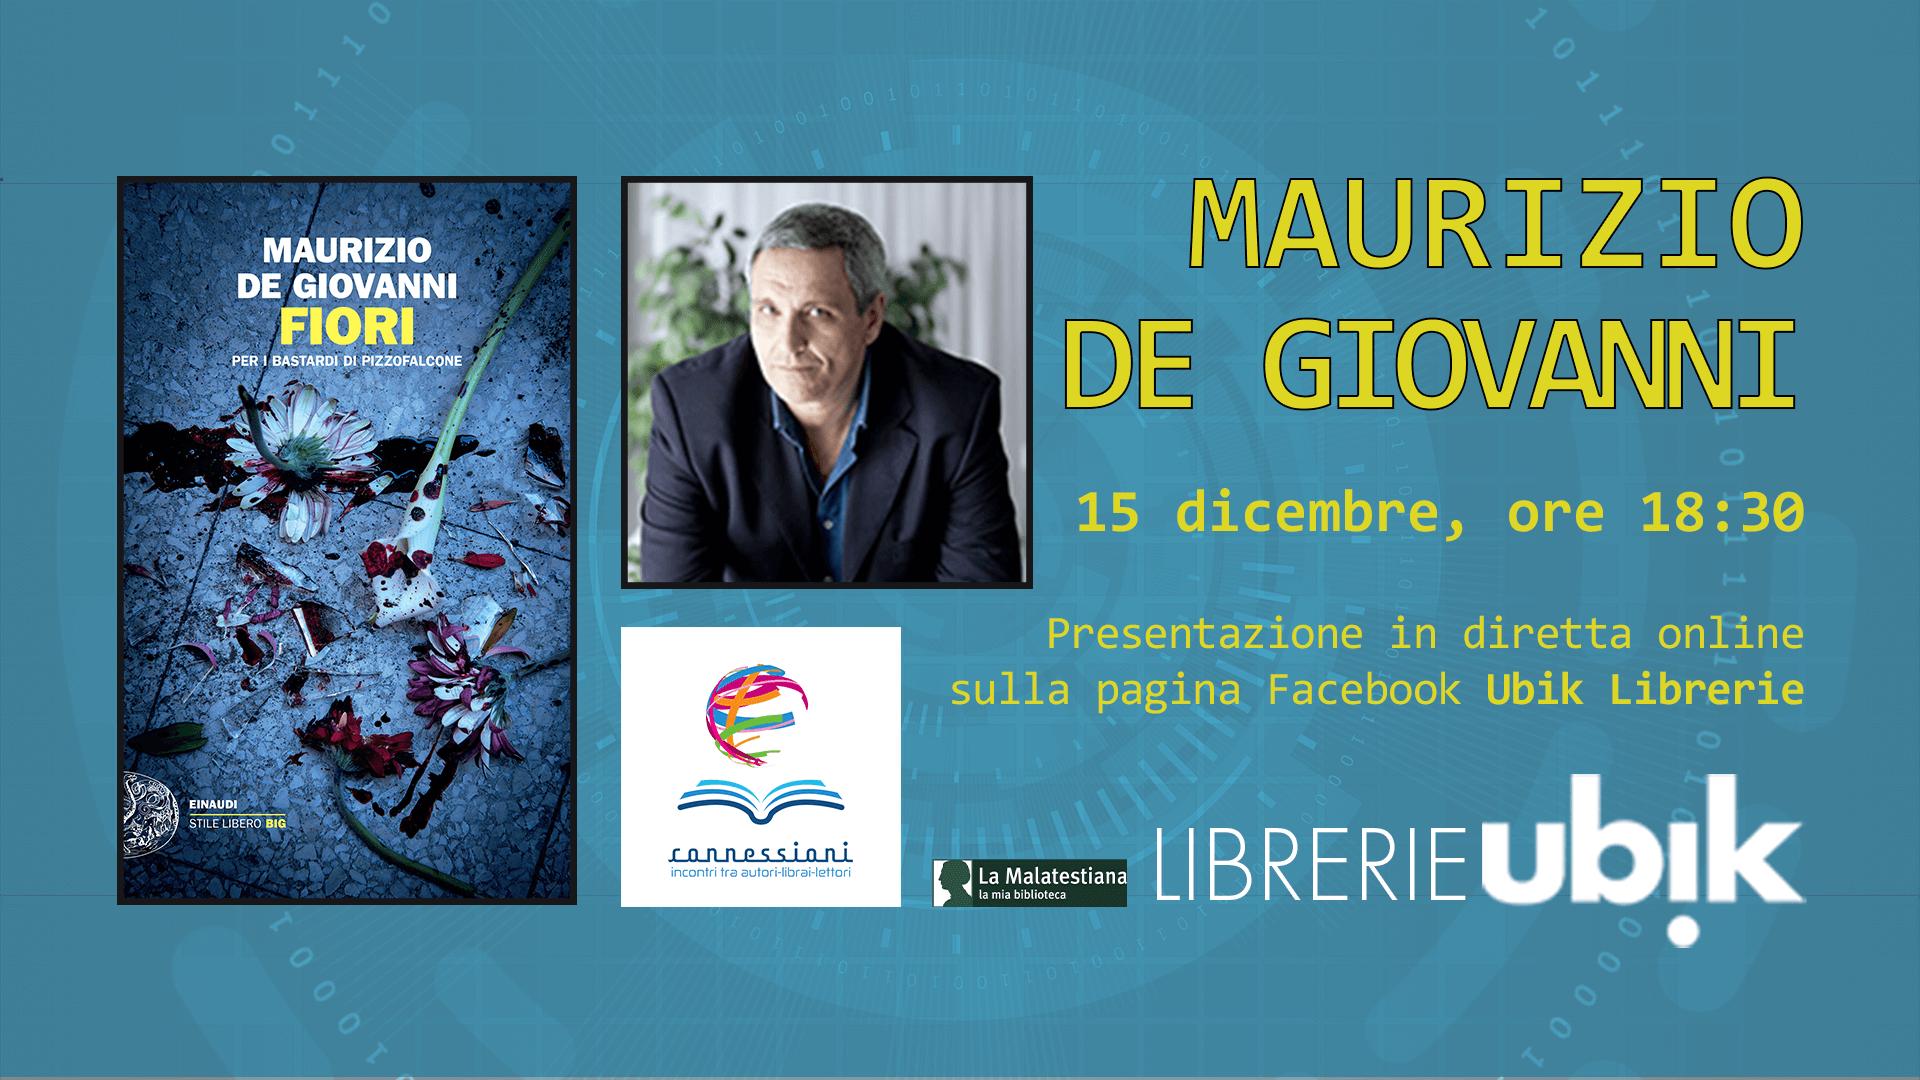 MAURIZIO DE GIOVANNI presenta in diretta online